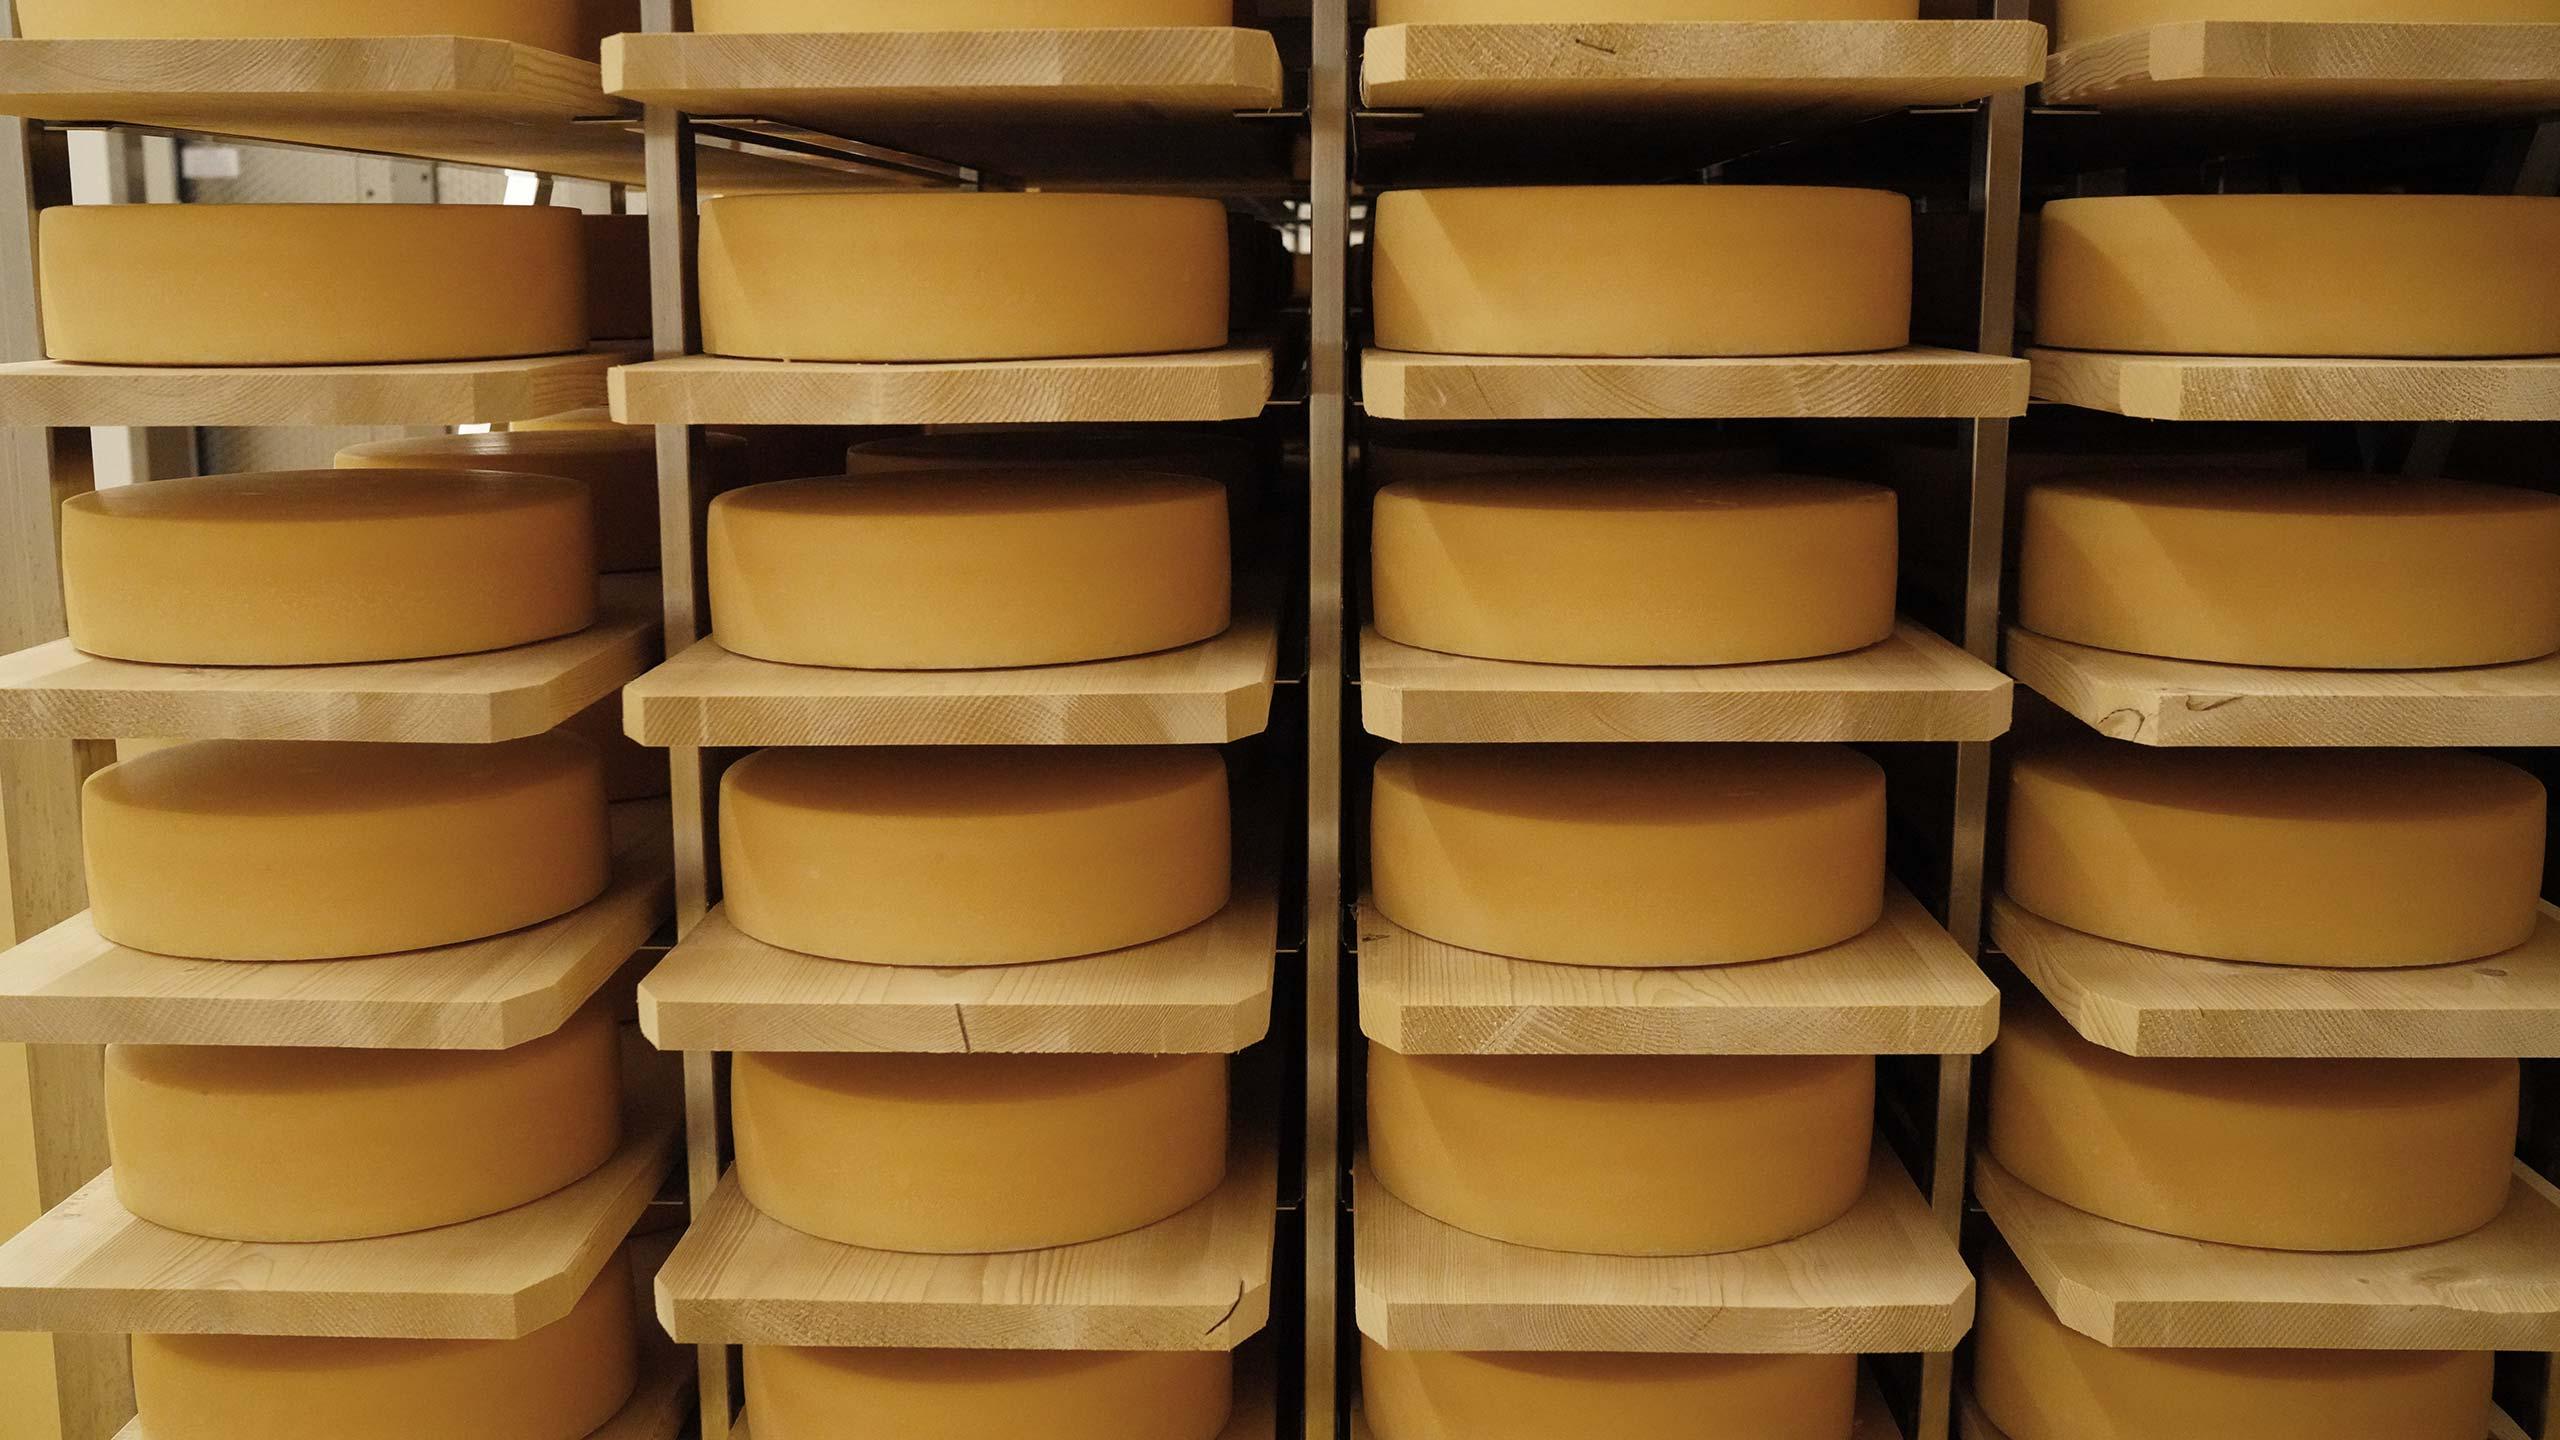 simmentaler-kaesewel-kaesekeller-voller-kaeseleibe.jpg